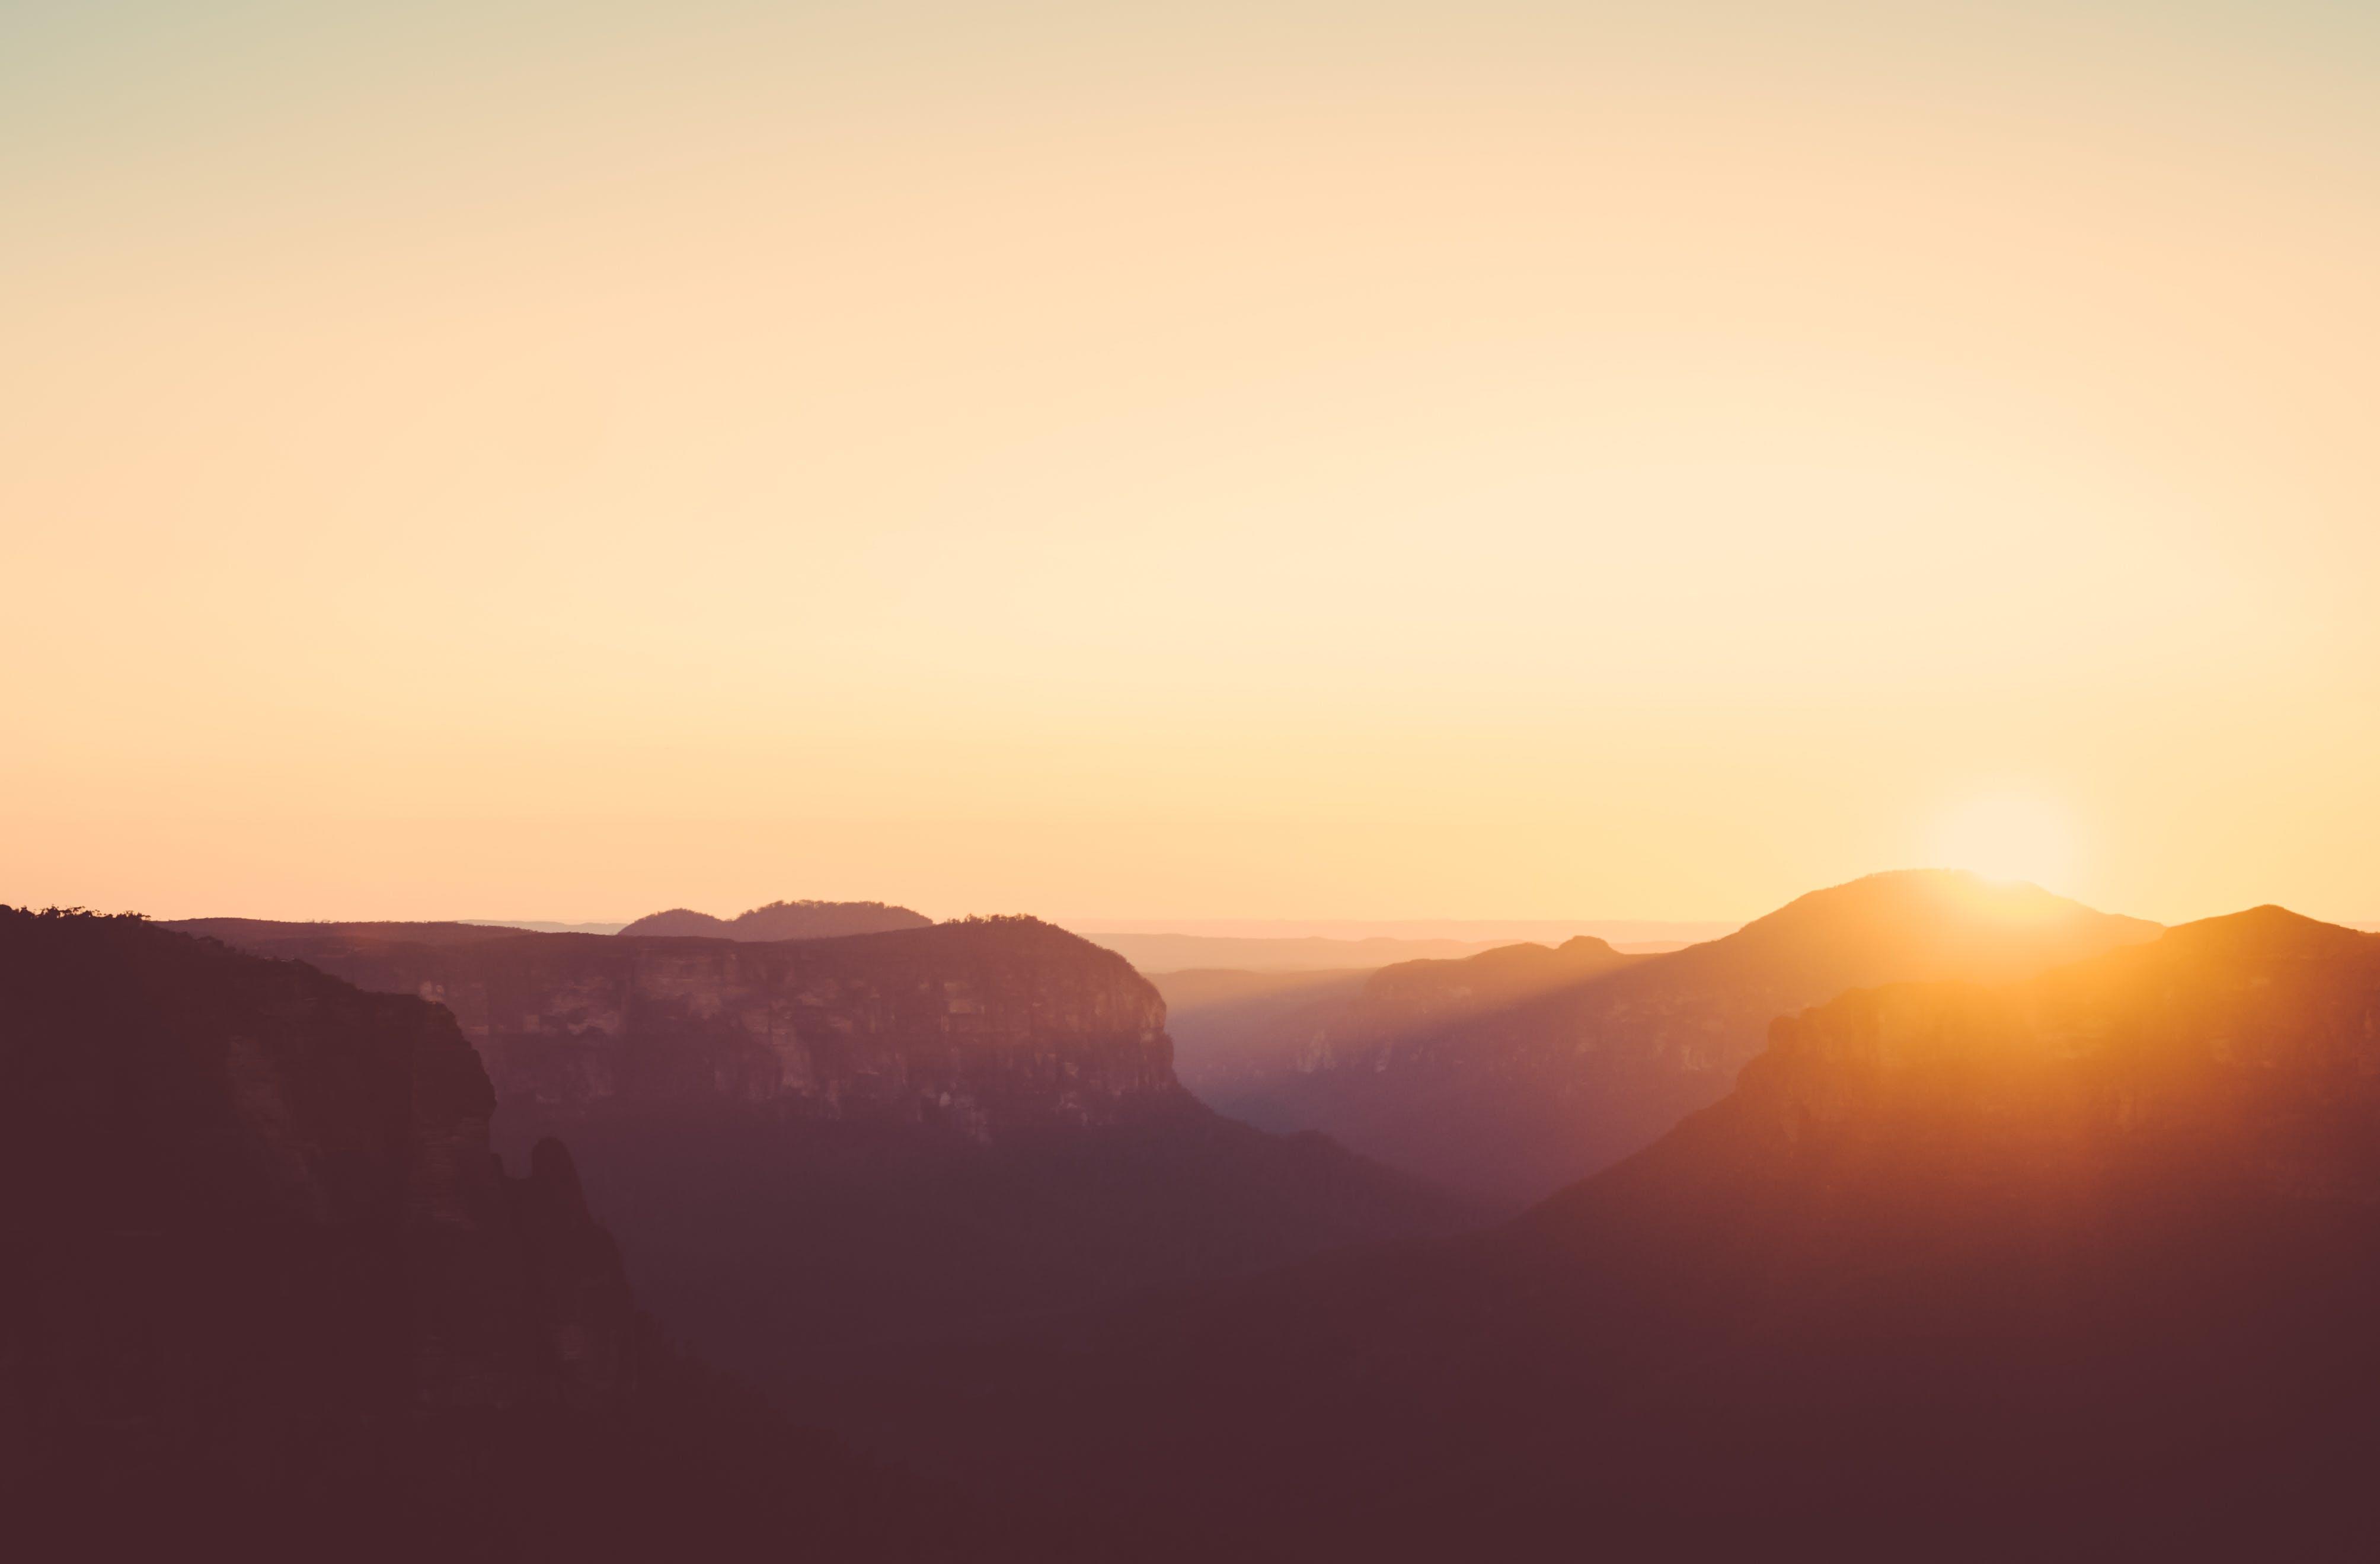 Kostenloses Stock Foto zu berge, dämmerung, gelb, landschaft